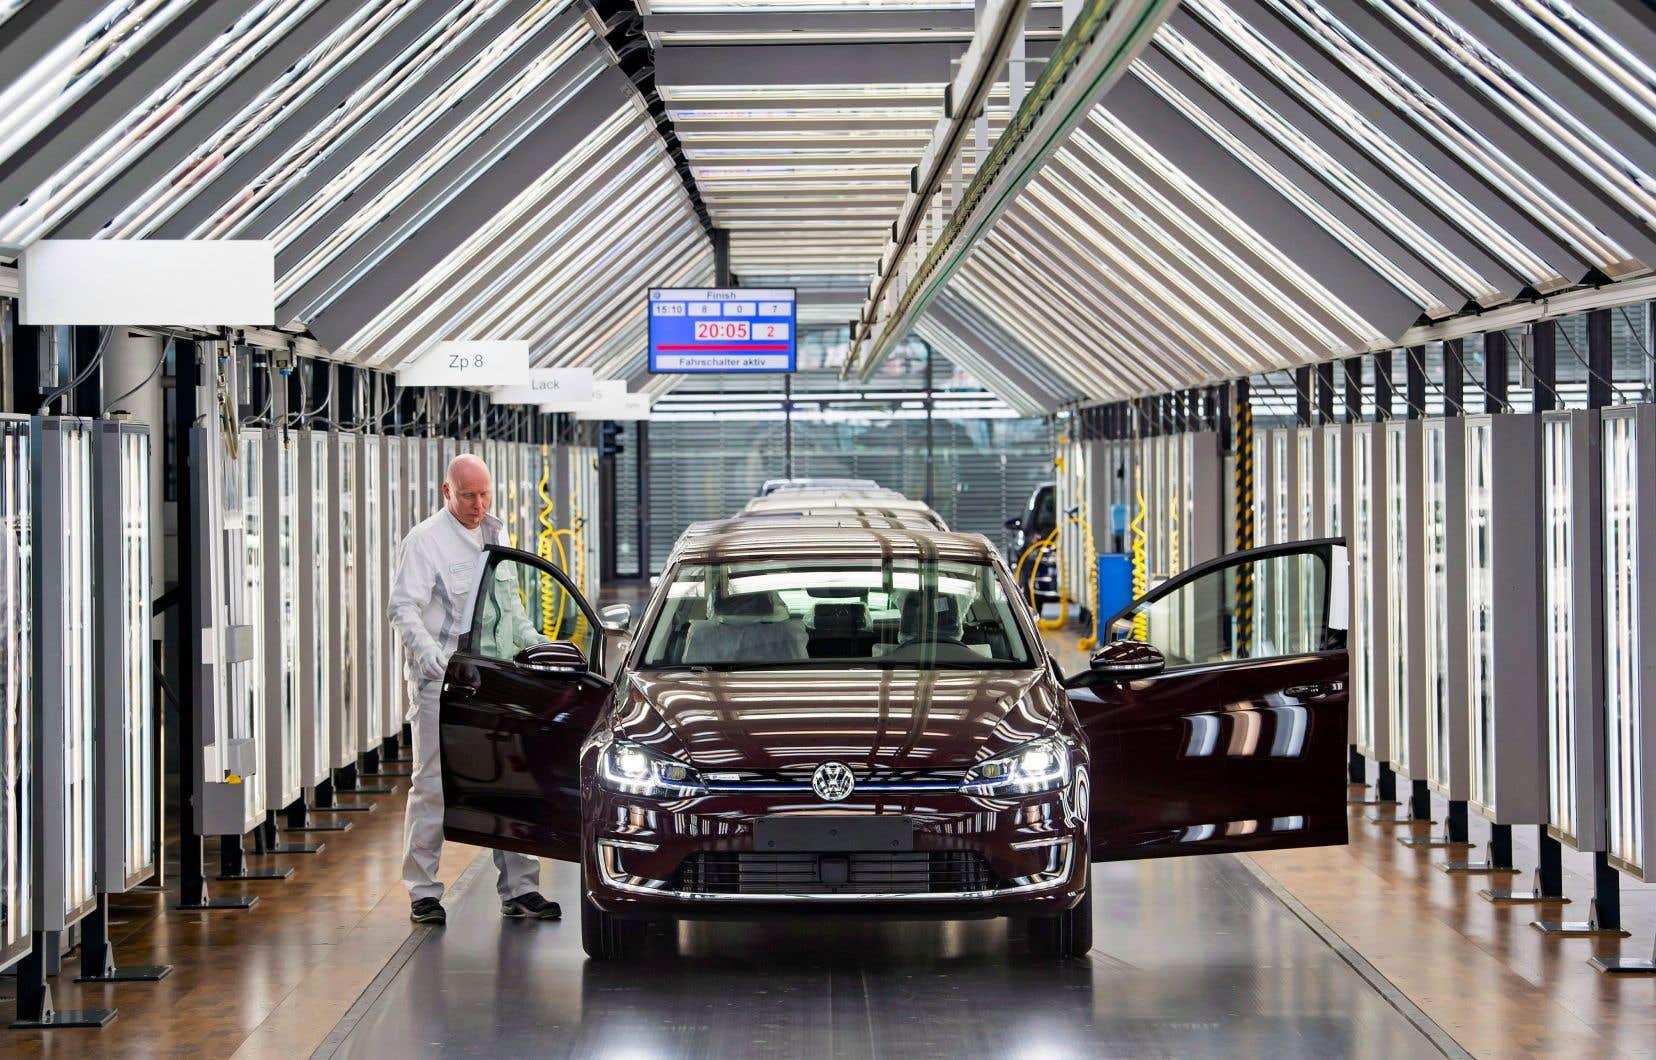 Volkswagen prévoit de lancer quelque 70 nouveaux modèles électriques d'ici 2028.